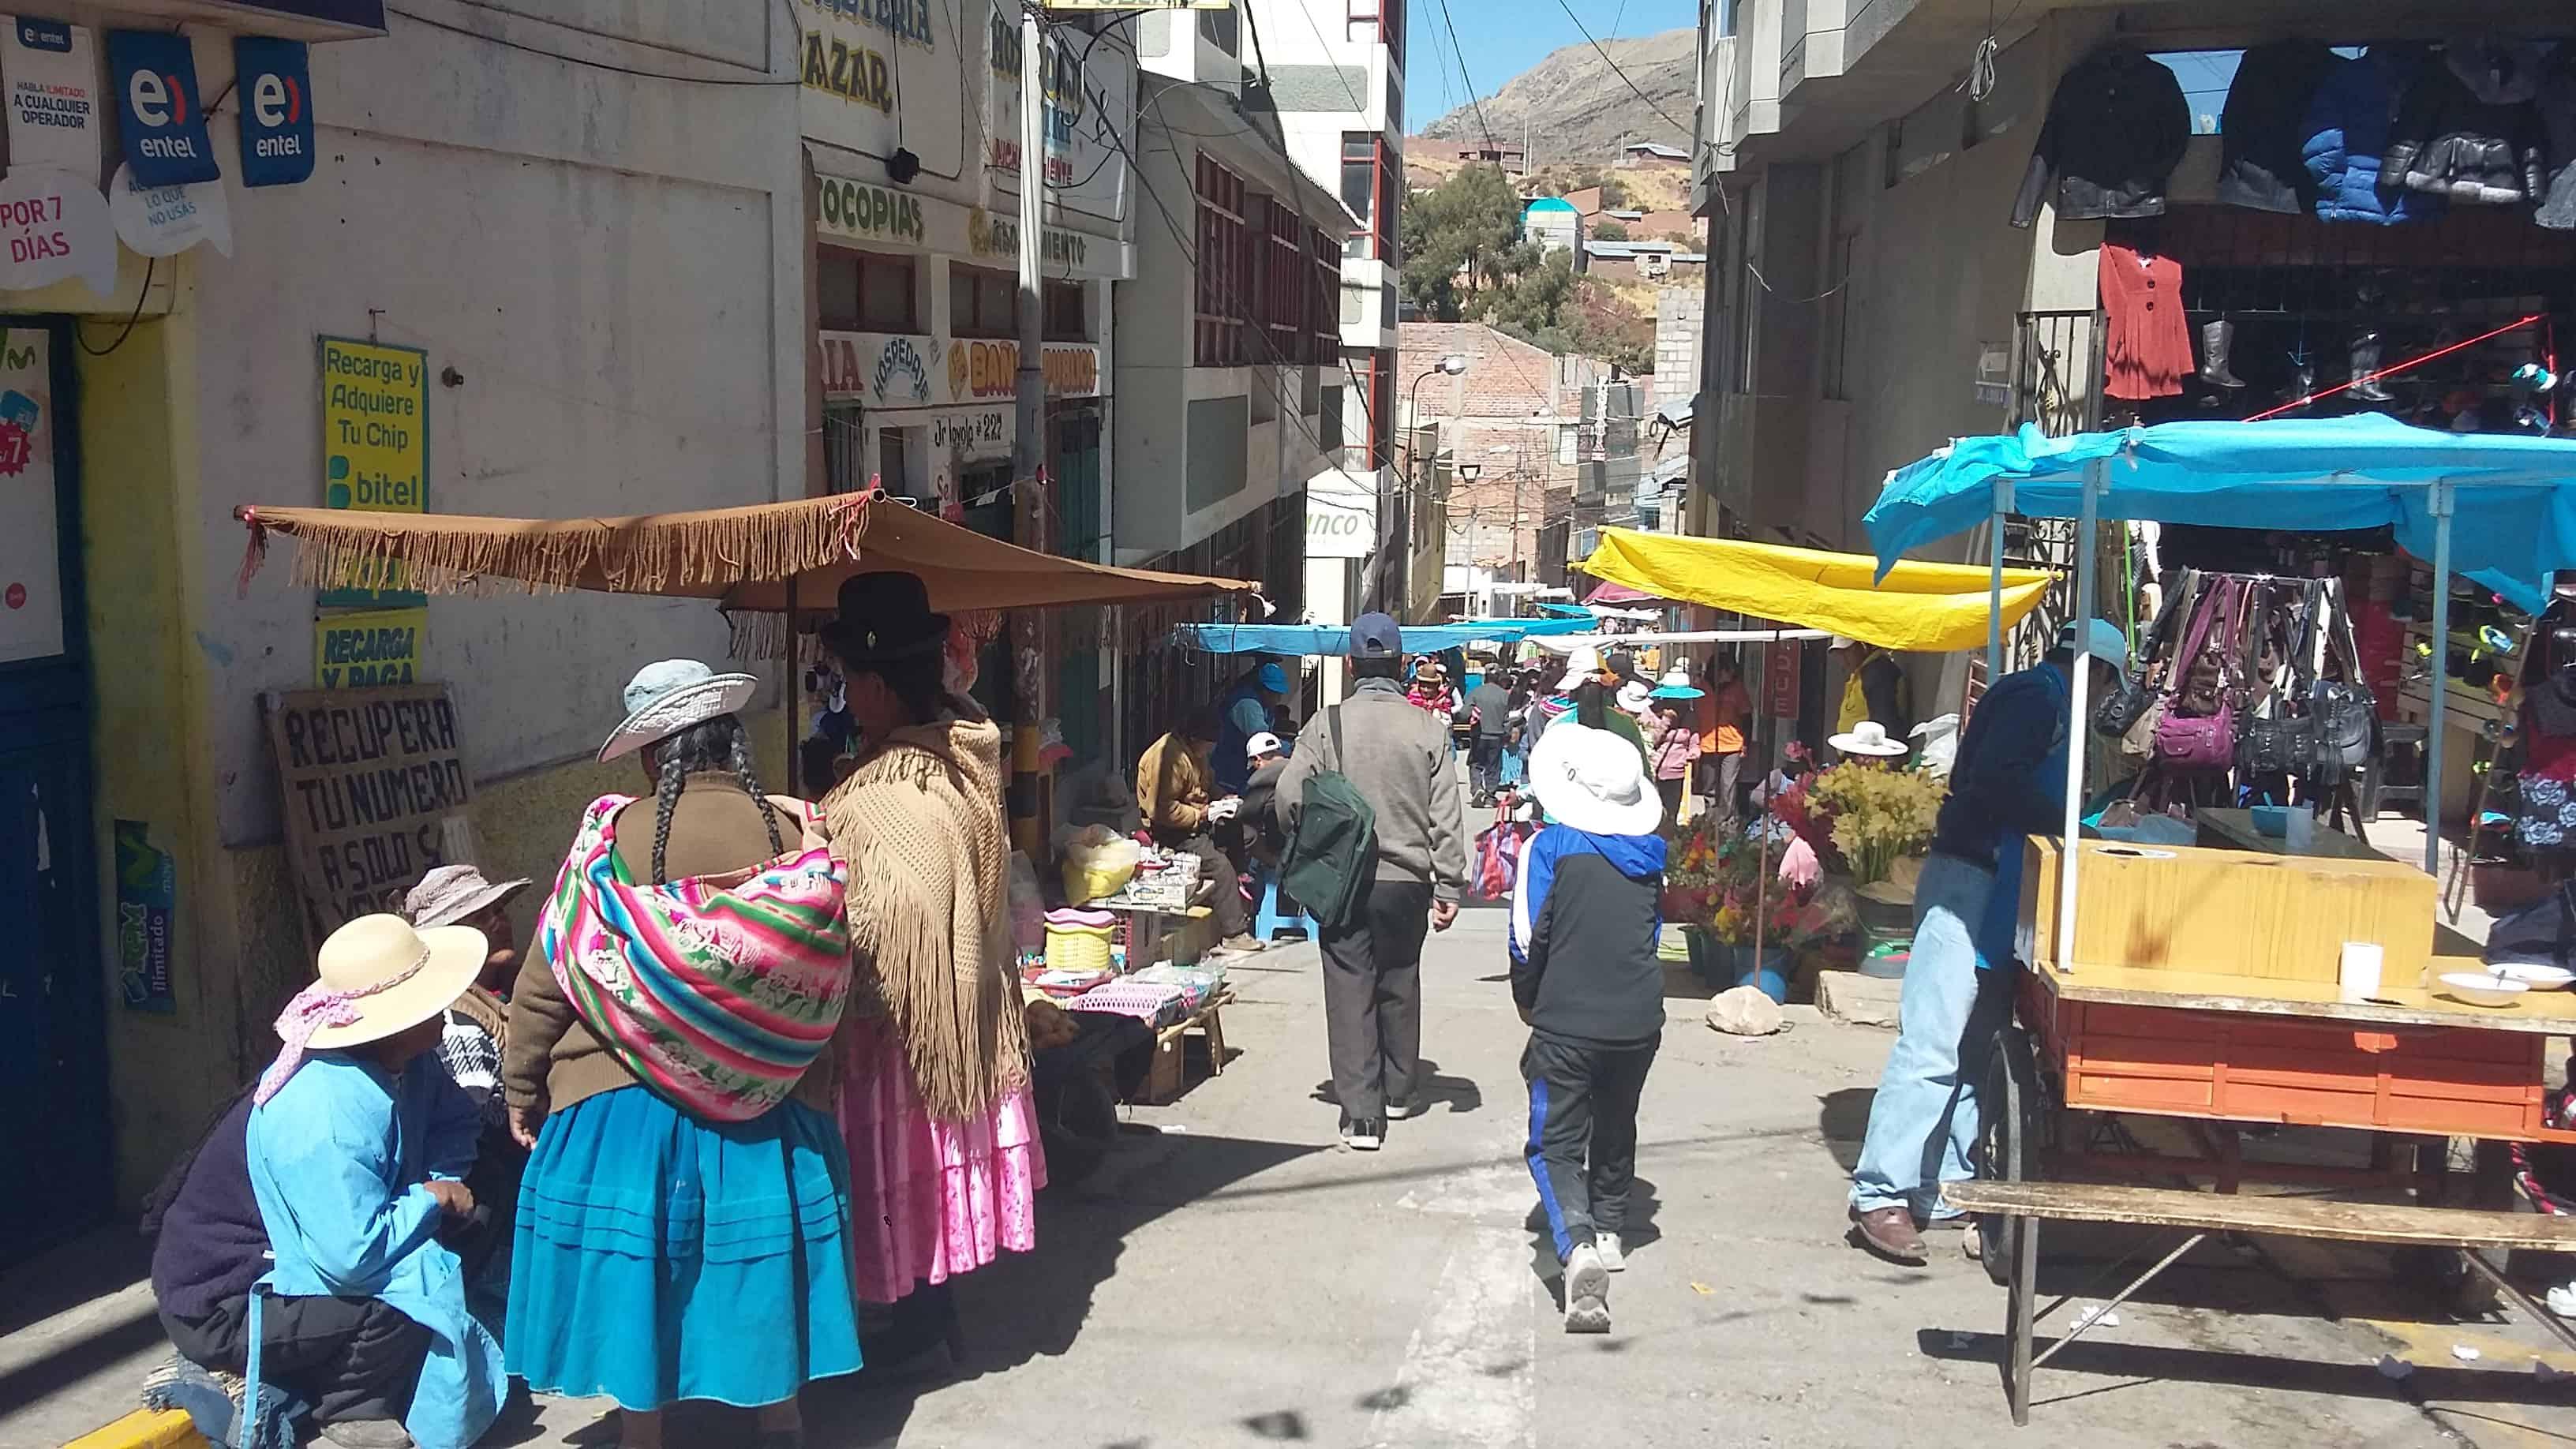 Verena Stierschneider, Peru